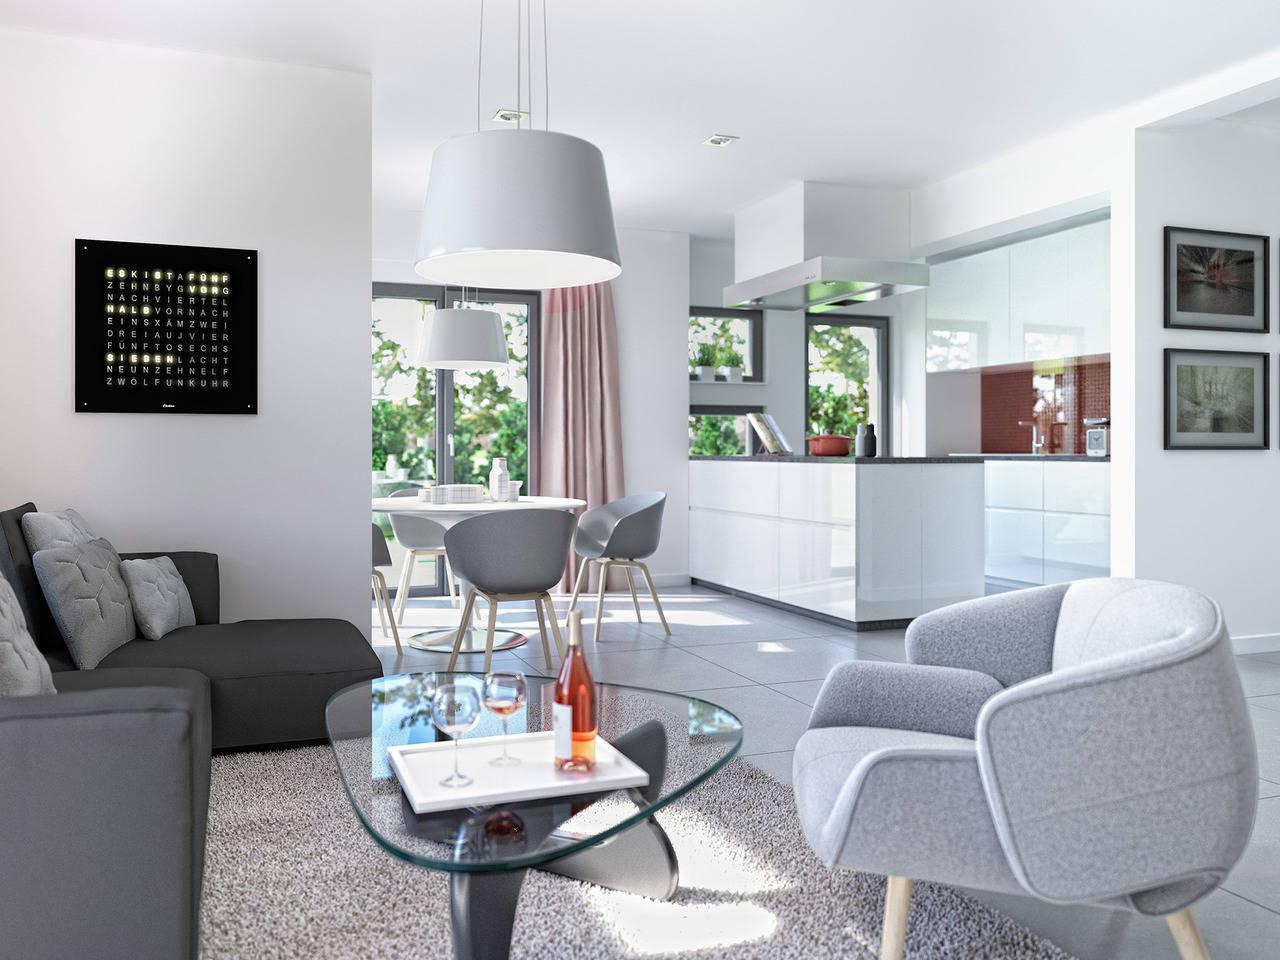 Haus SOLUTION 87 V3 Wohnzimmer von Living Haus